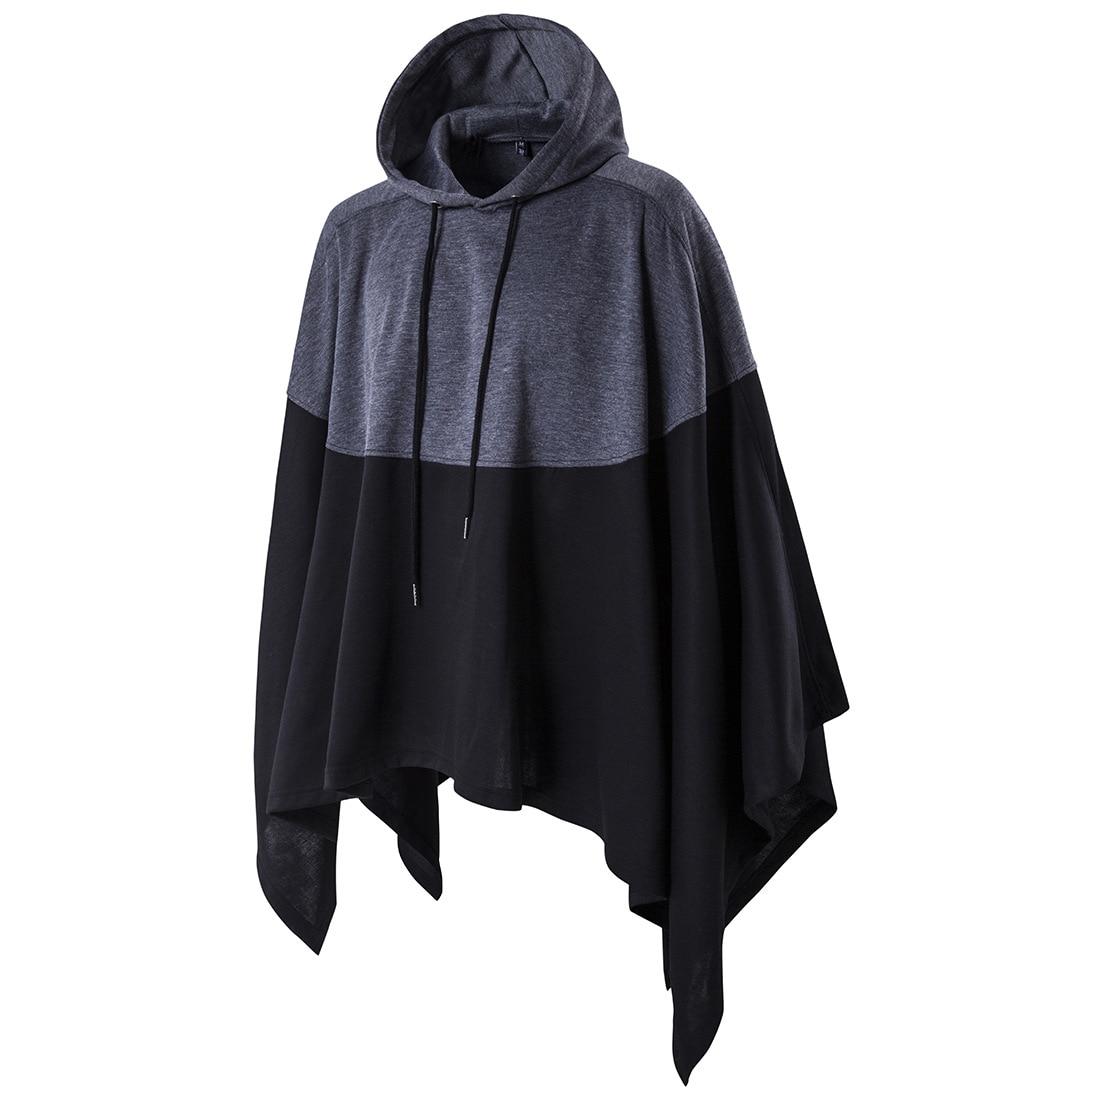 Men Hooded Hip Hop Mantle Hoodies Long Sleeves Cloak Man's Coats Outwear Autumn Cape Hooded Windbreaker Men's Cape Large Size